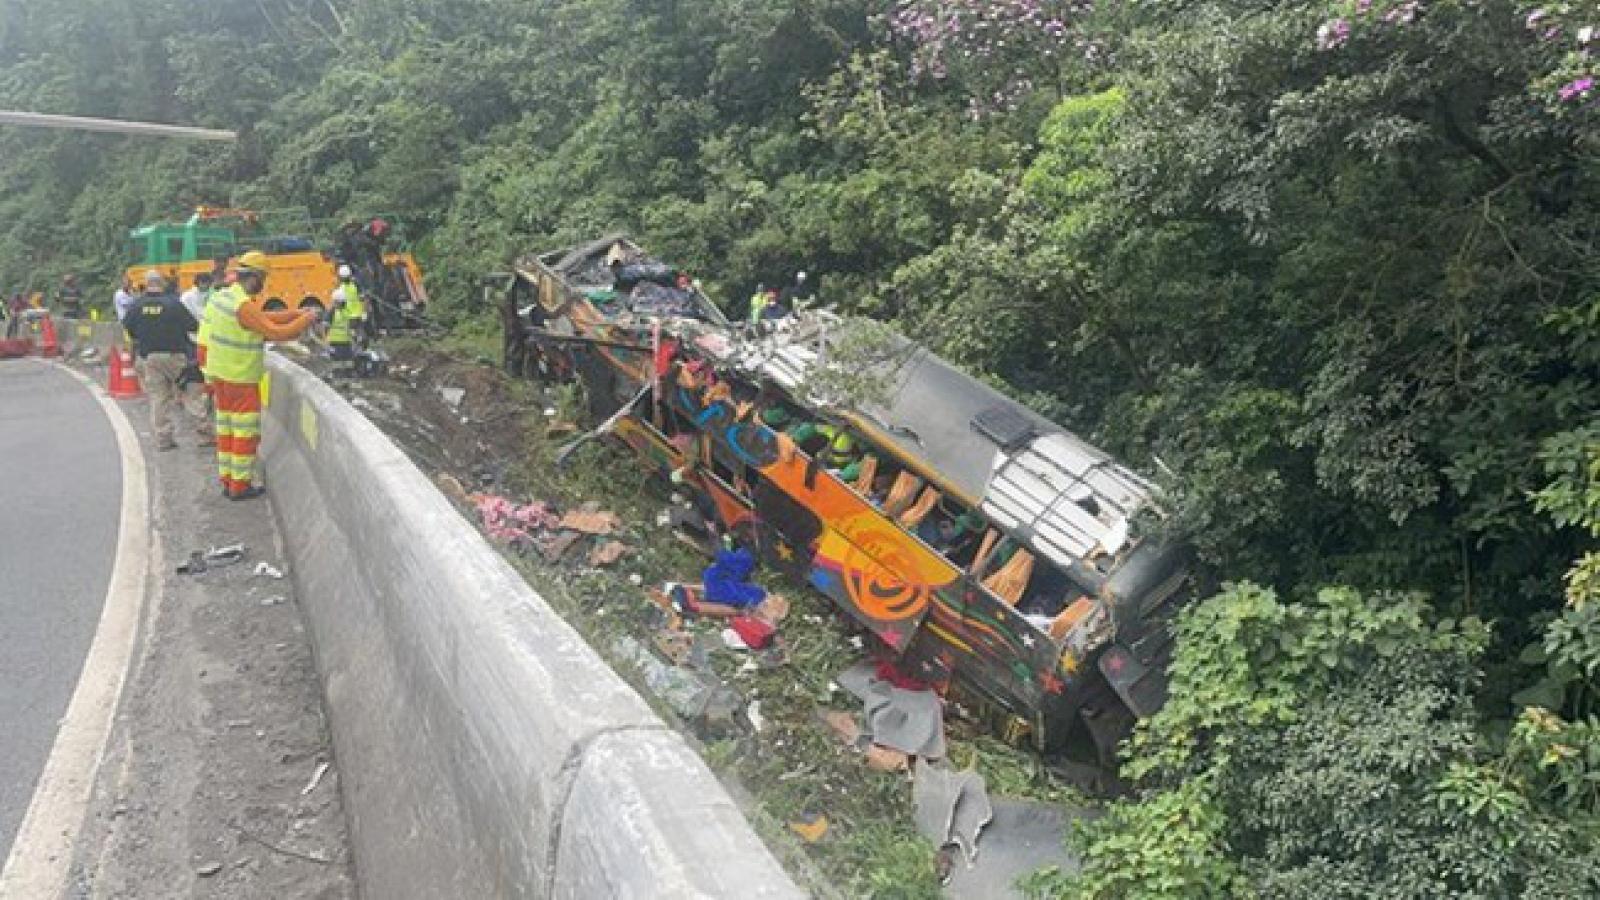 Hơn 18 người thiệt mạng trong vụ lật xe khách trên đường cao tốc tại Brazil